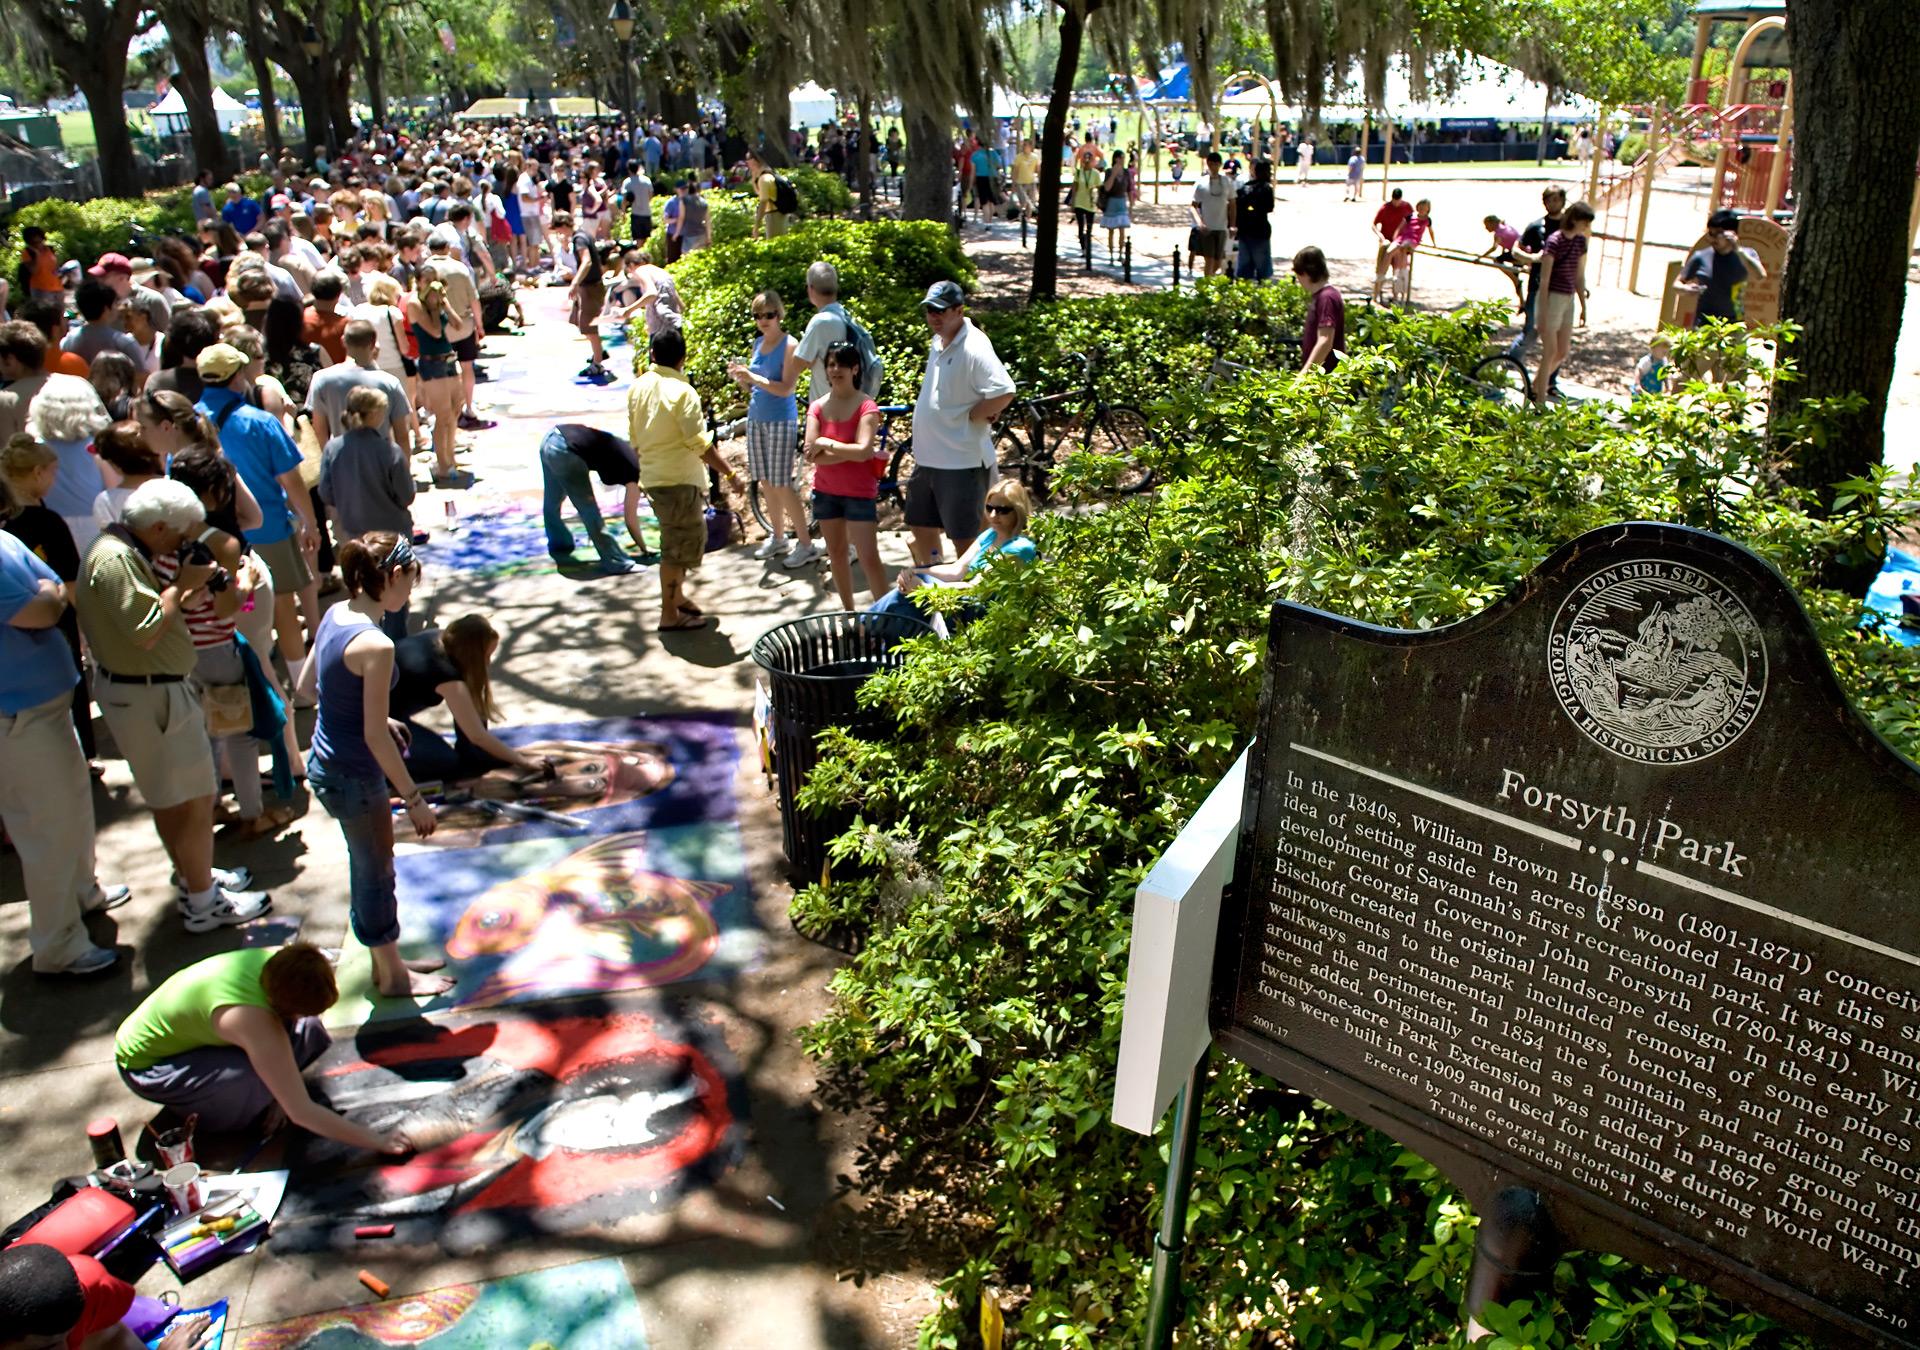 Sidewalk Arts Festival